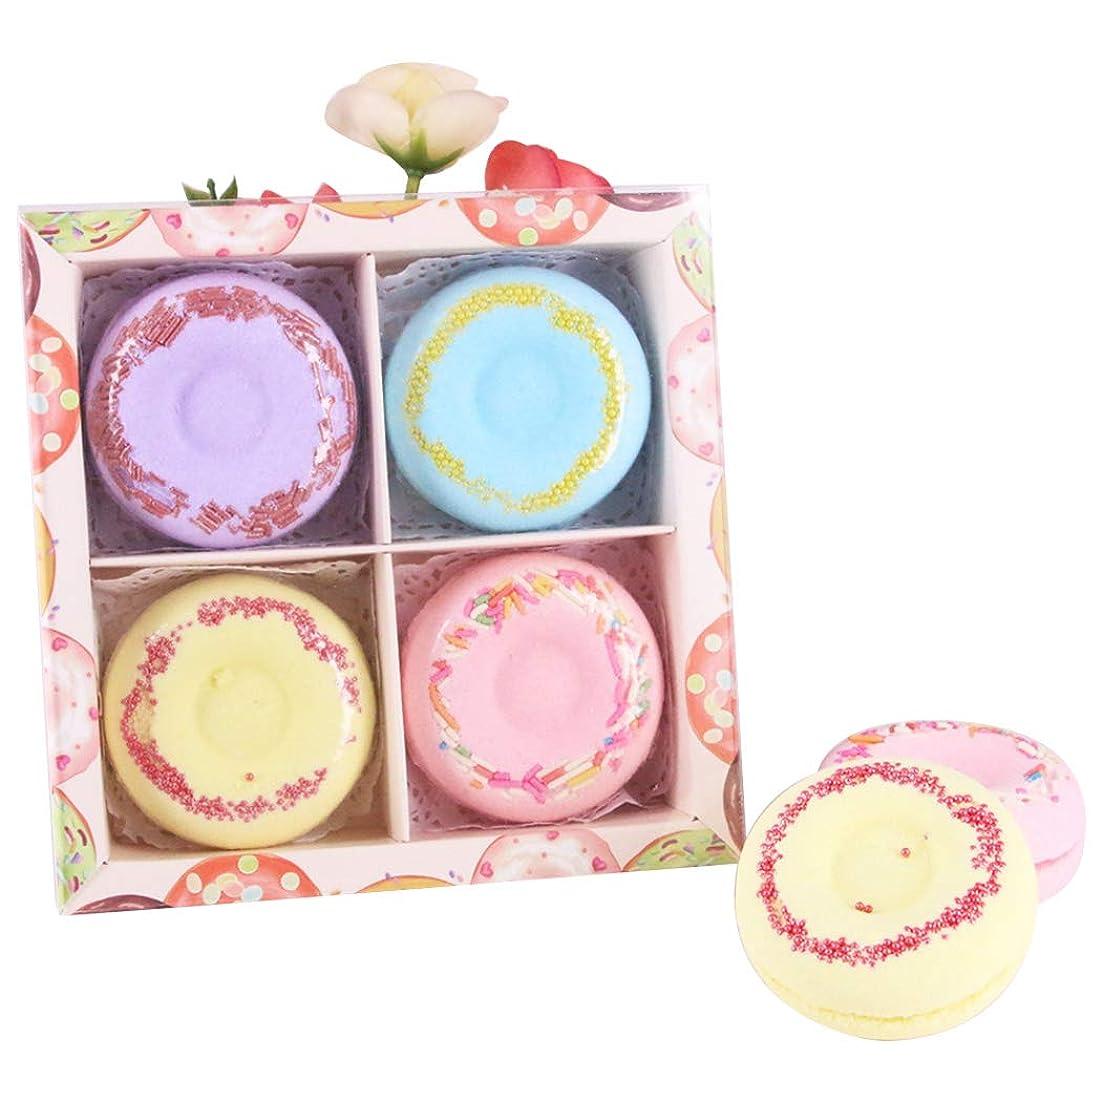 トランスミッションマーガレットミッチェルセラーFunpa 4枚セット 入浴剤 入浴ボール ドーナツ型 可愛い 精油 香り残す バレンタインデー 彼女のプレゼント お風呂用